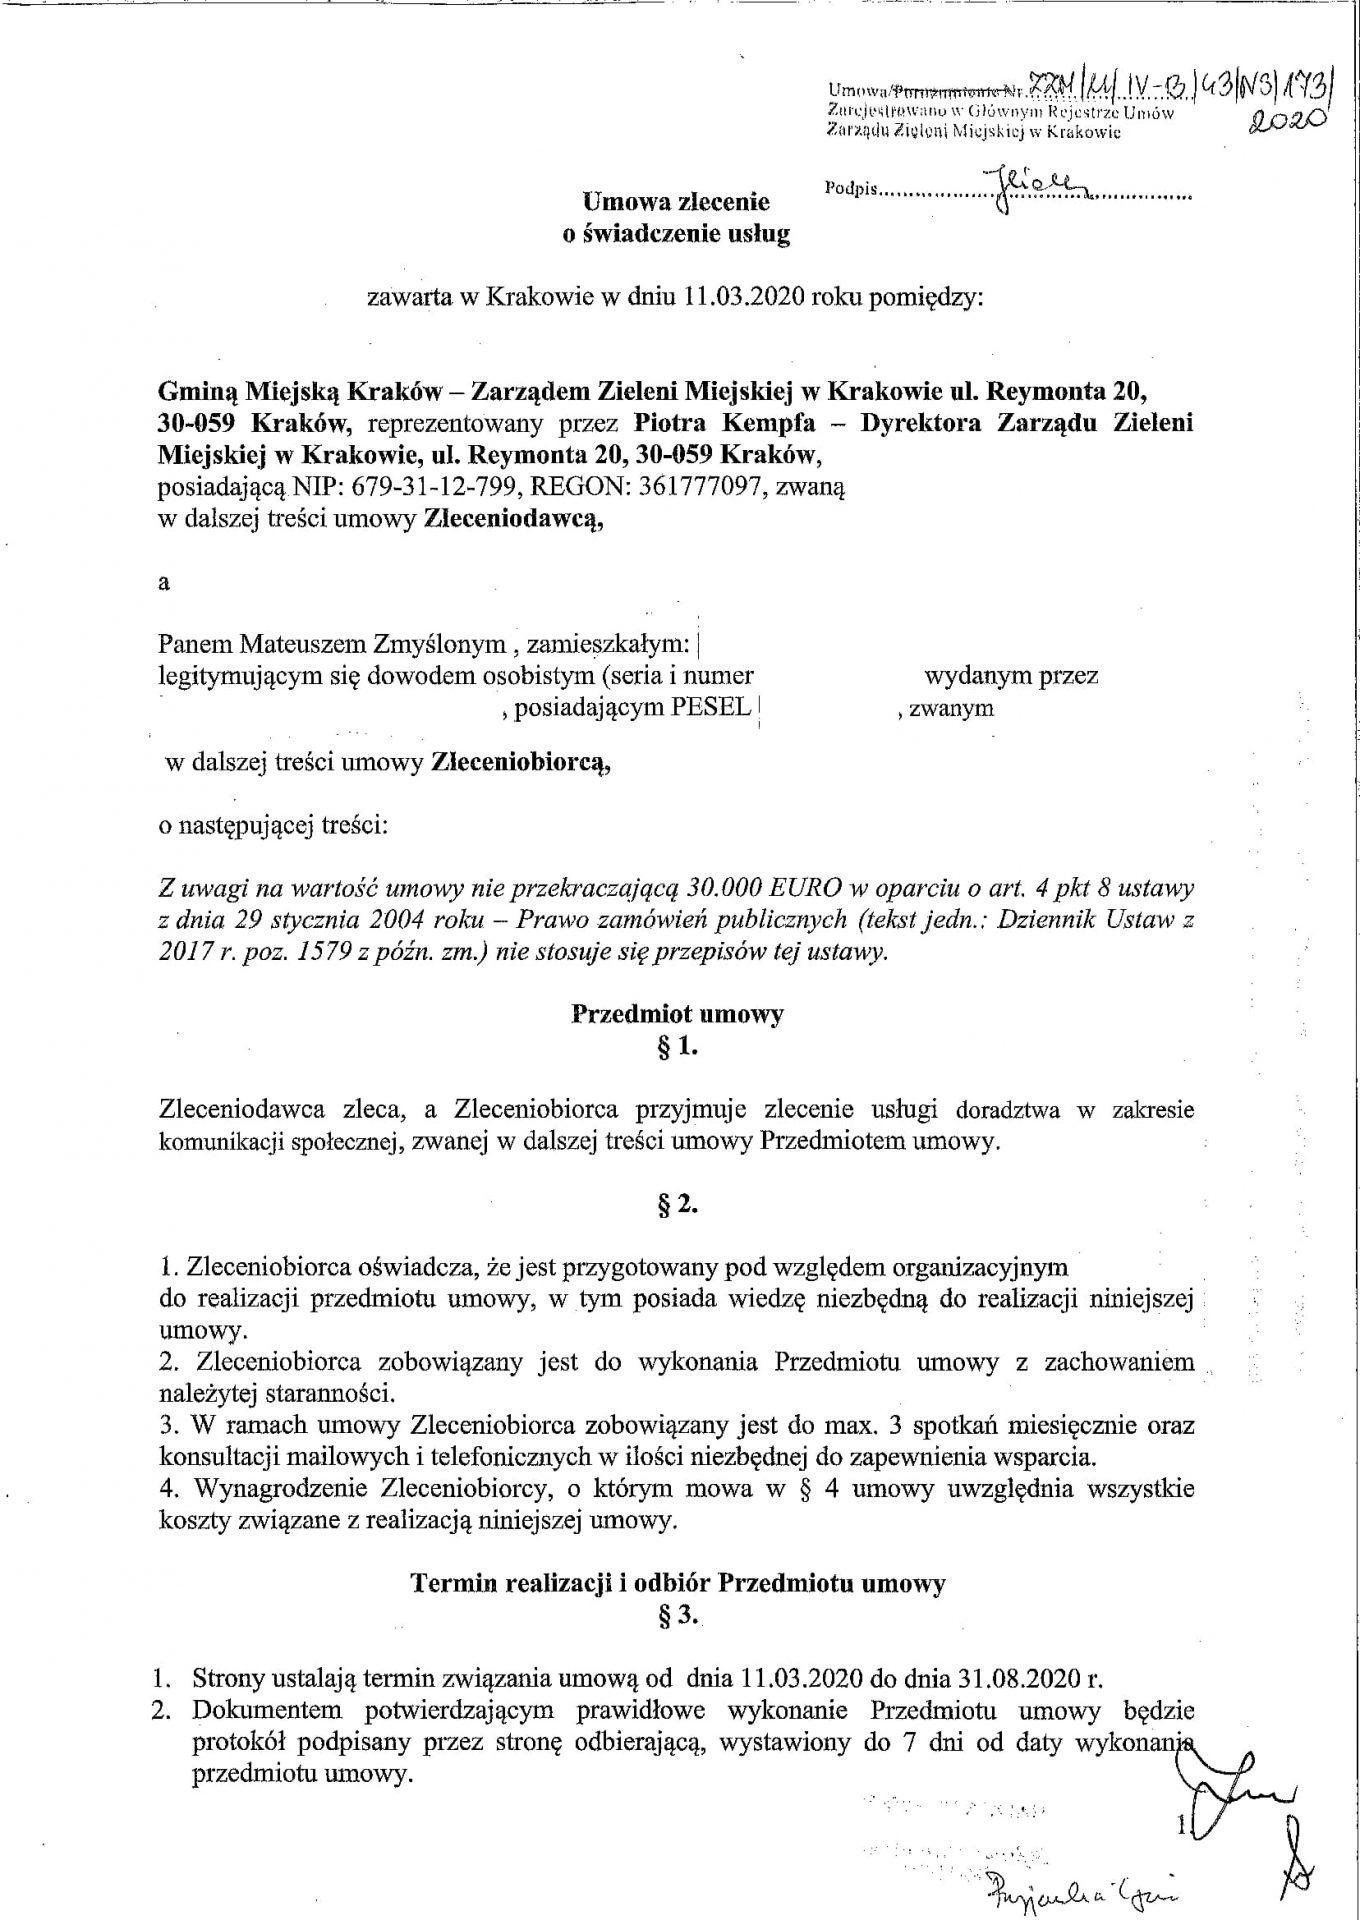 Umowa Zarząd Zieleni Miejskiej Szkolenia